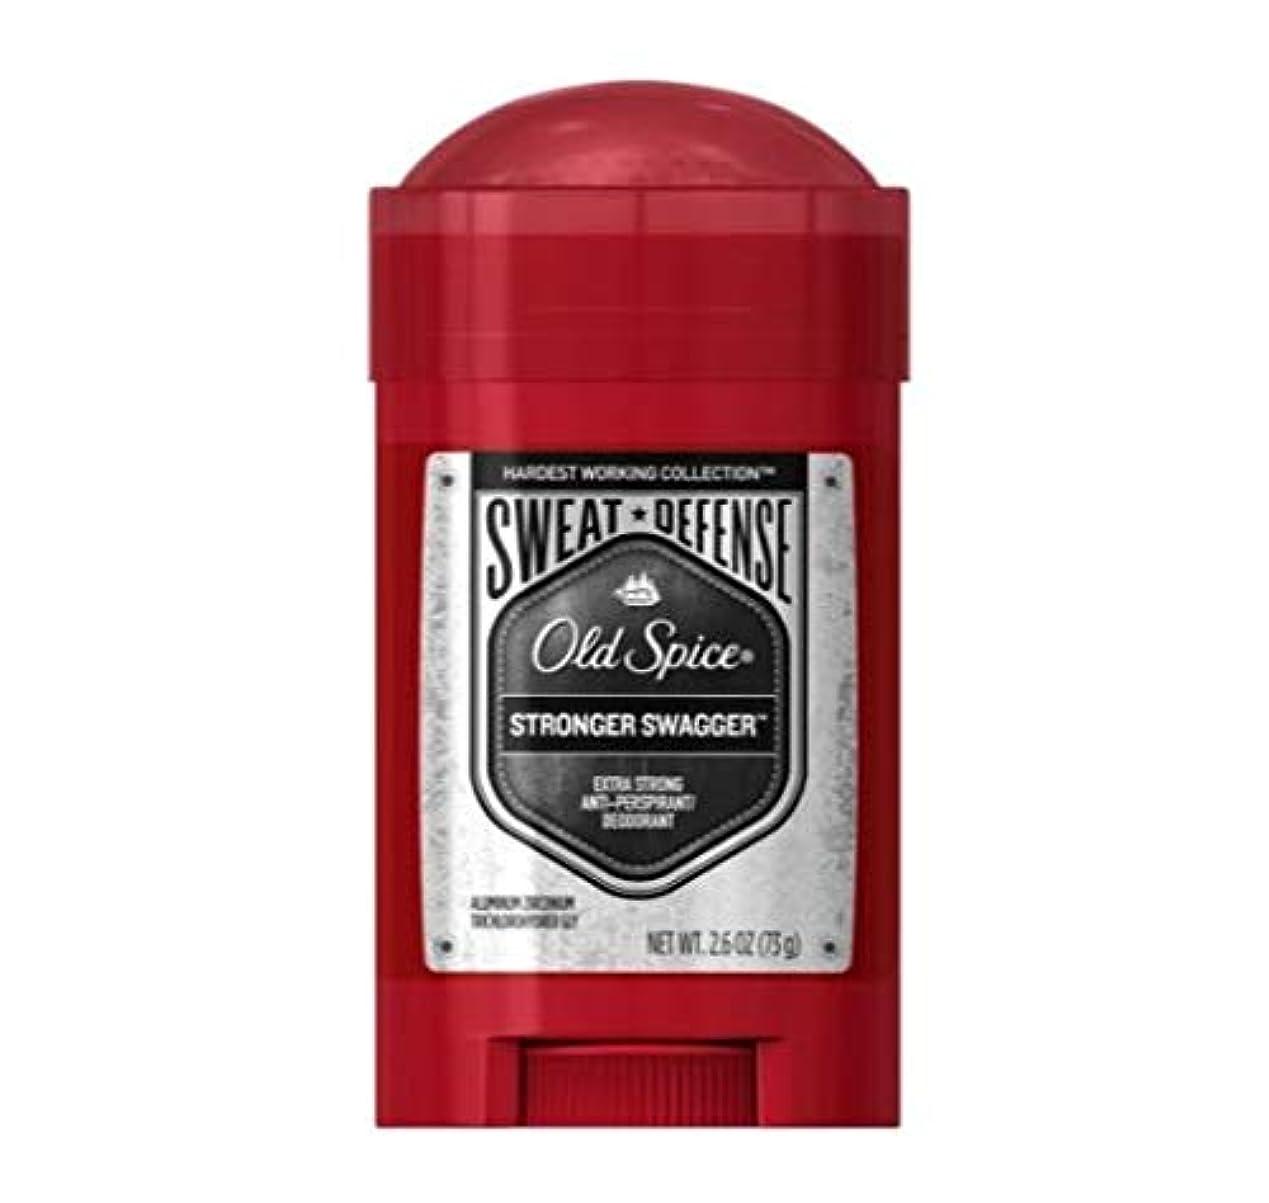 義務付けられたライセンス女王Old Spice Hardest Working Collection Sweat Defense Stronger Swagger Antiperspirant and Deodorant - 2.6oz オールドスパイス...